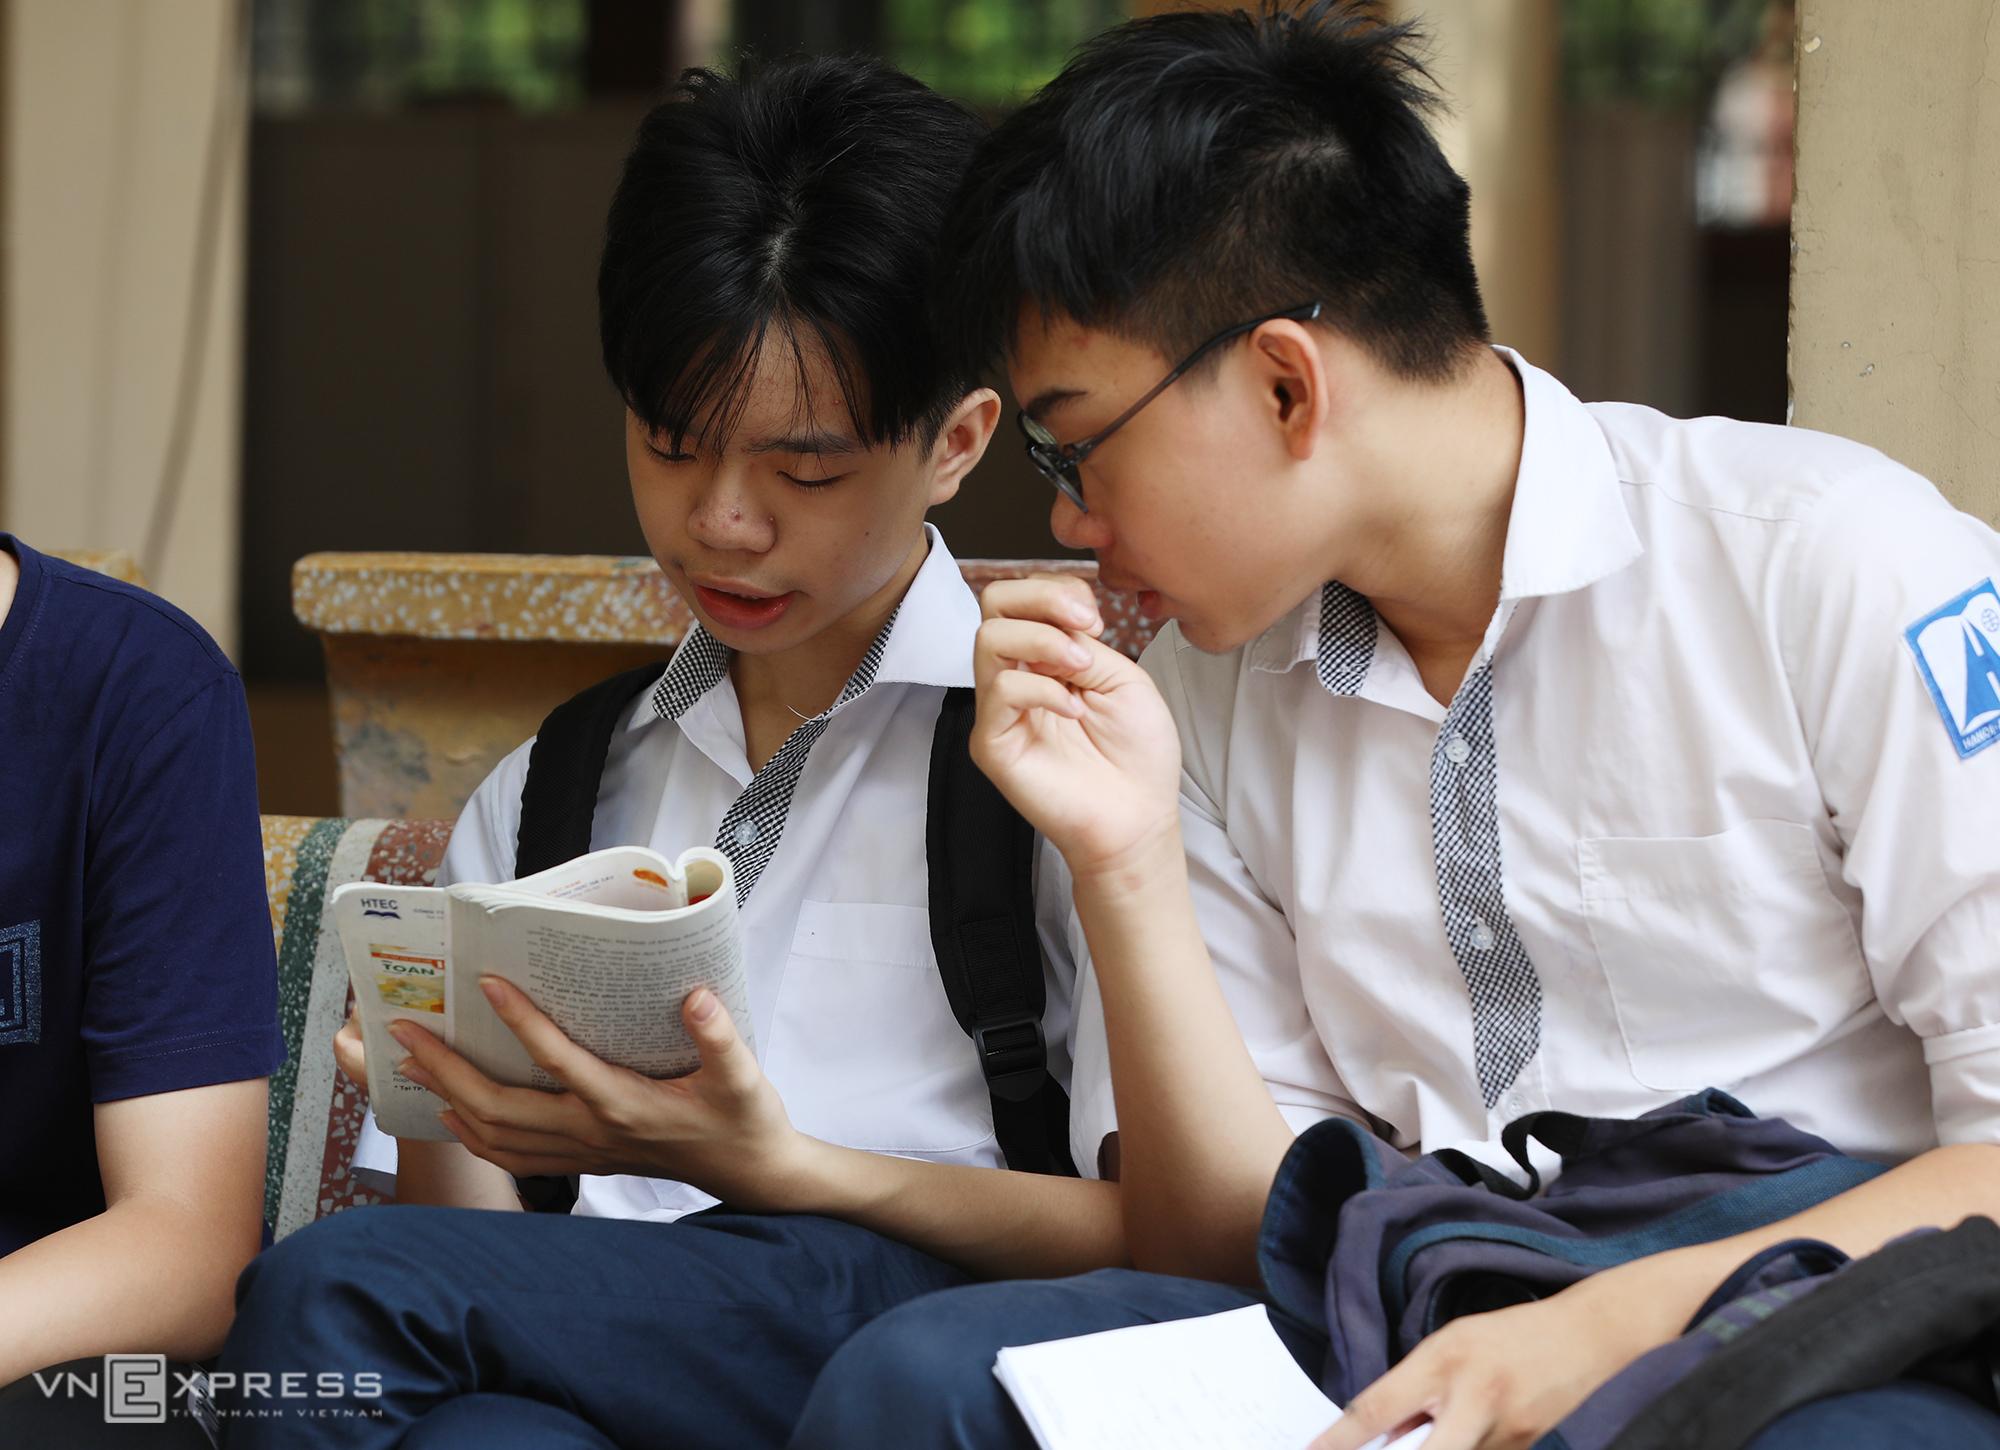 Thí sinh dự thi vào lớp 10 ở Hà Nội năm 2020. Ảnh: Ngọc Thành.